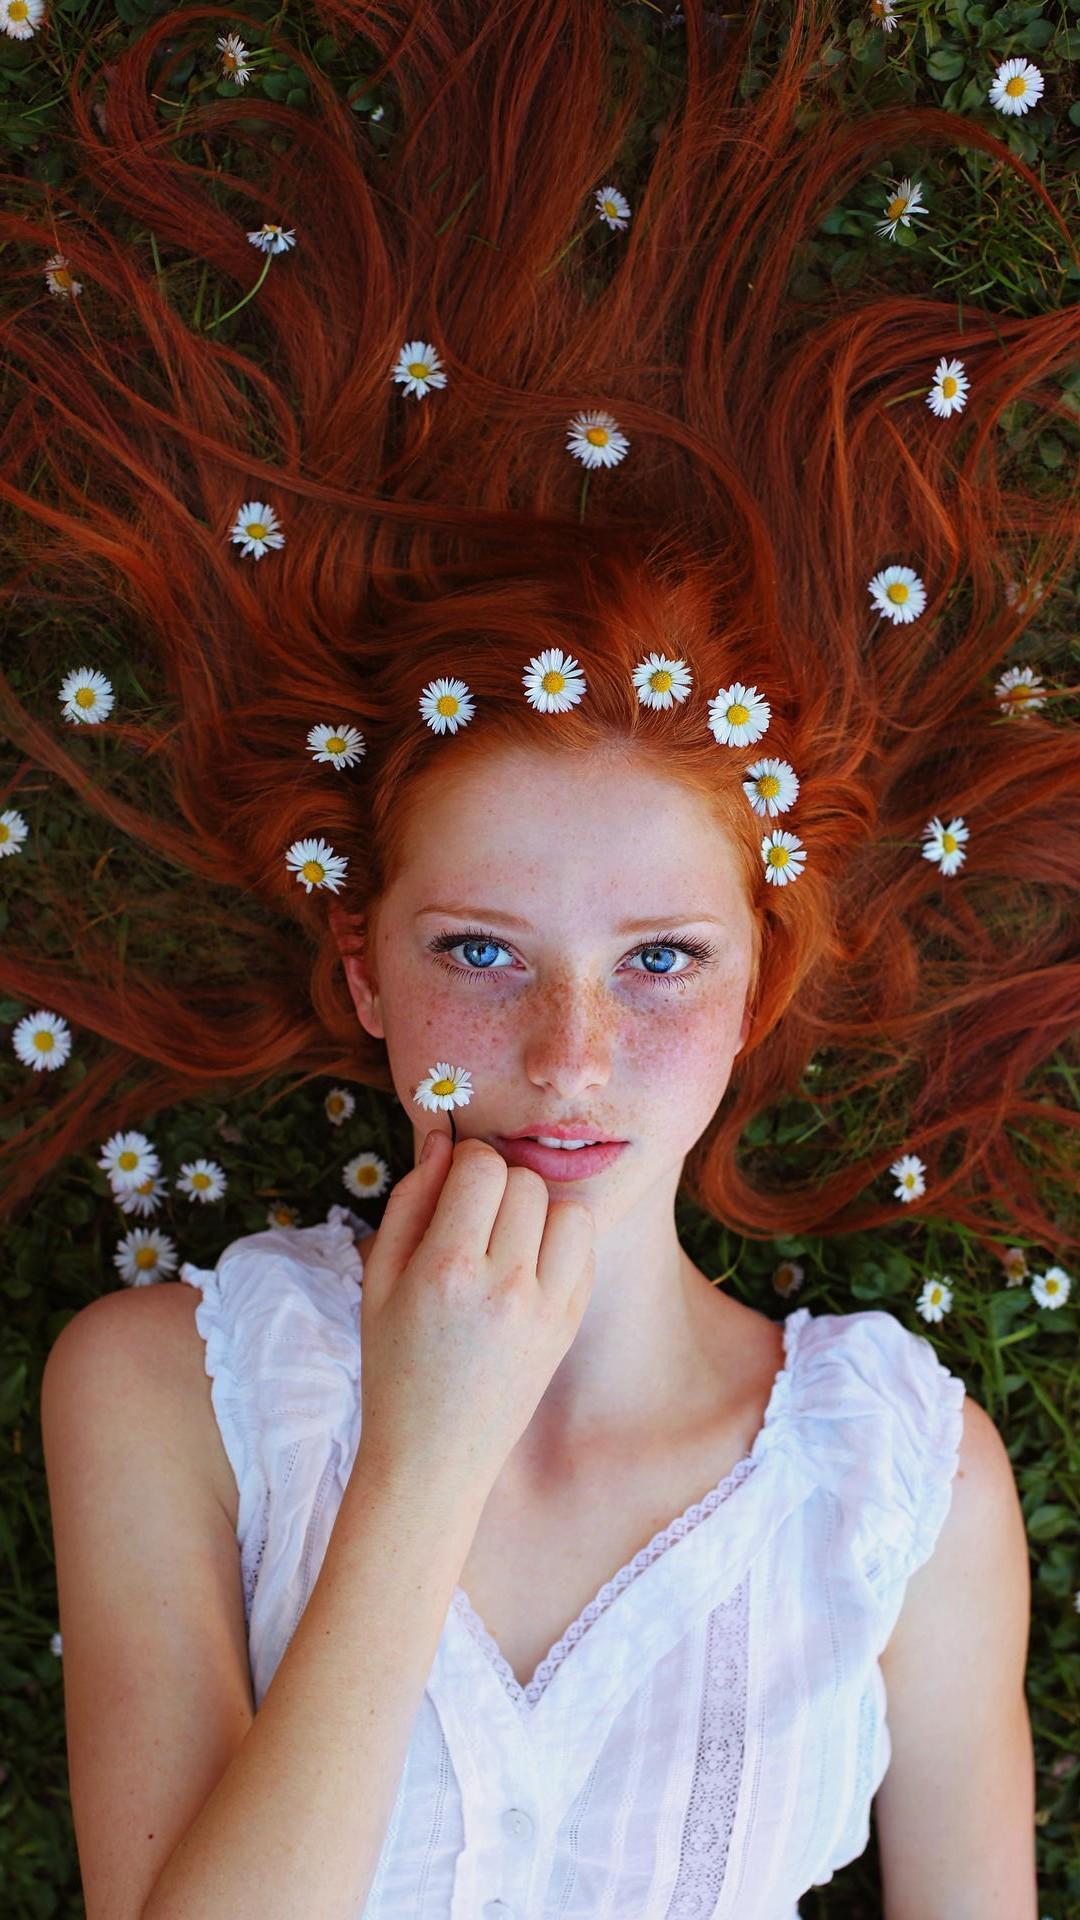 wallpaper face women outdoors redhead model portrait